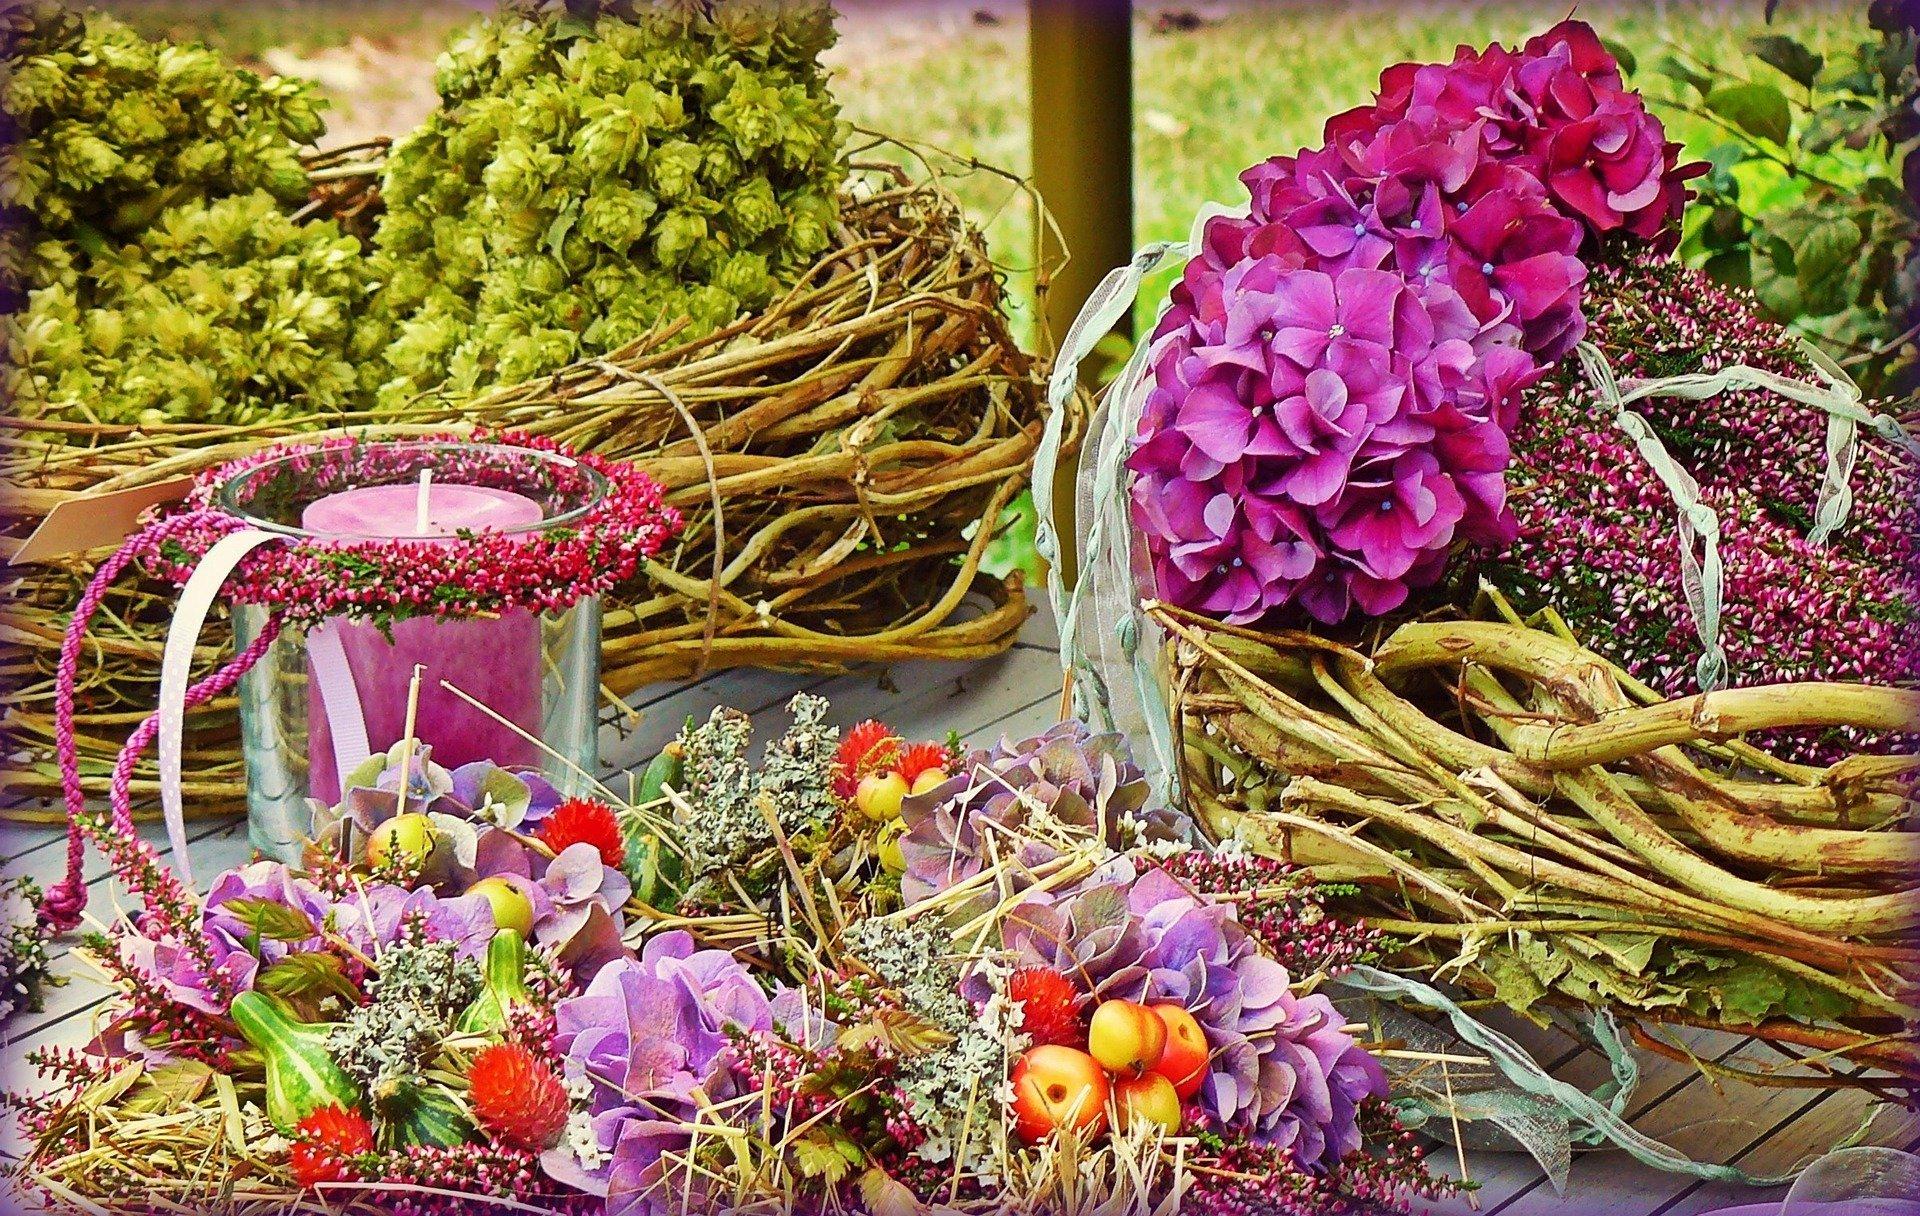 Arreglos florales. | Fuente: cocoparisienne / Pixabay